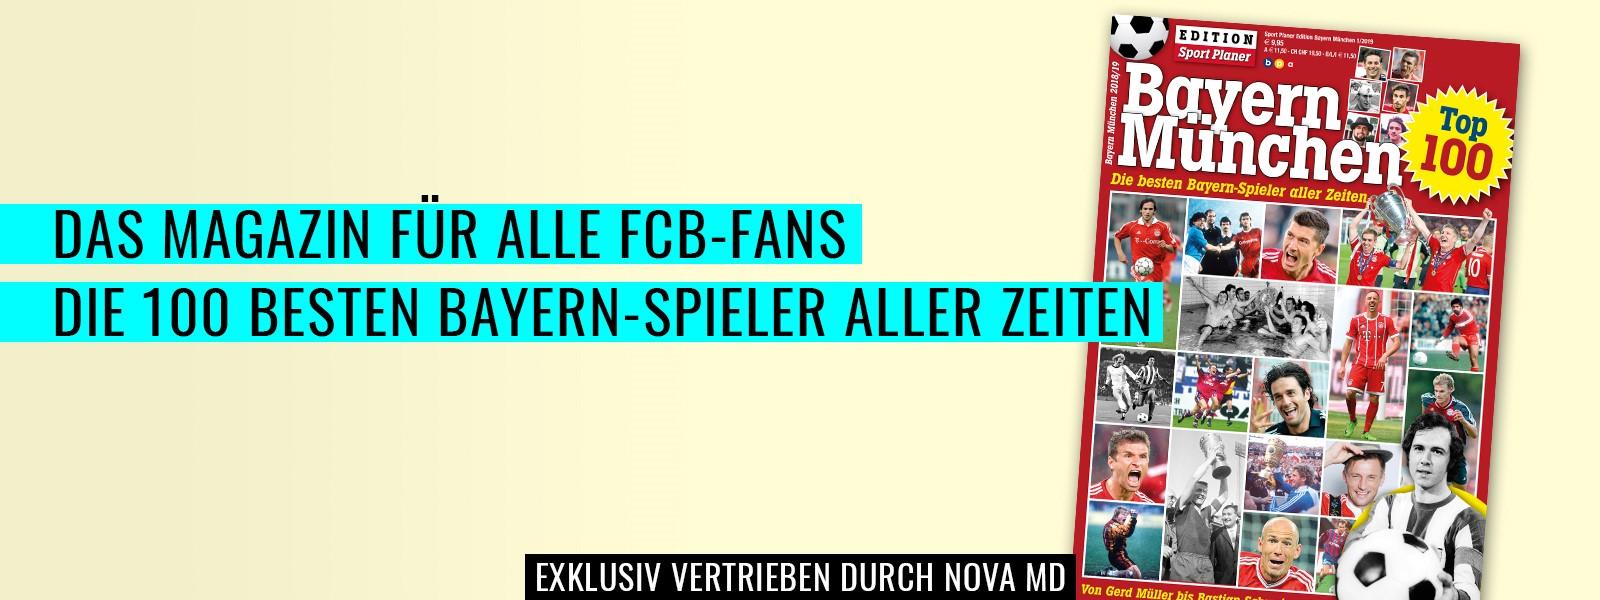 Das Magazin: Die besten 100 Bayern-Spieler aller Zeiten